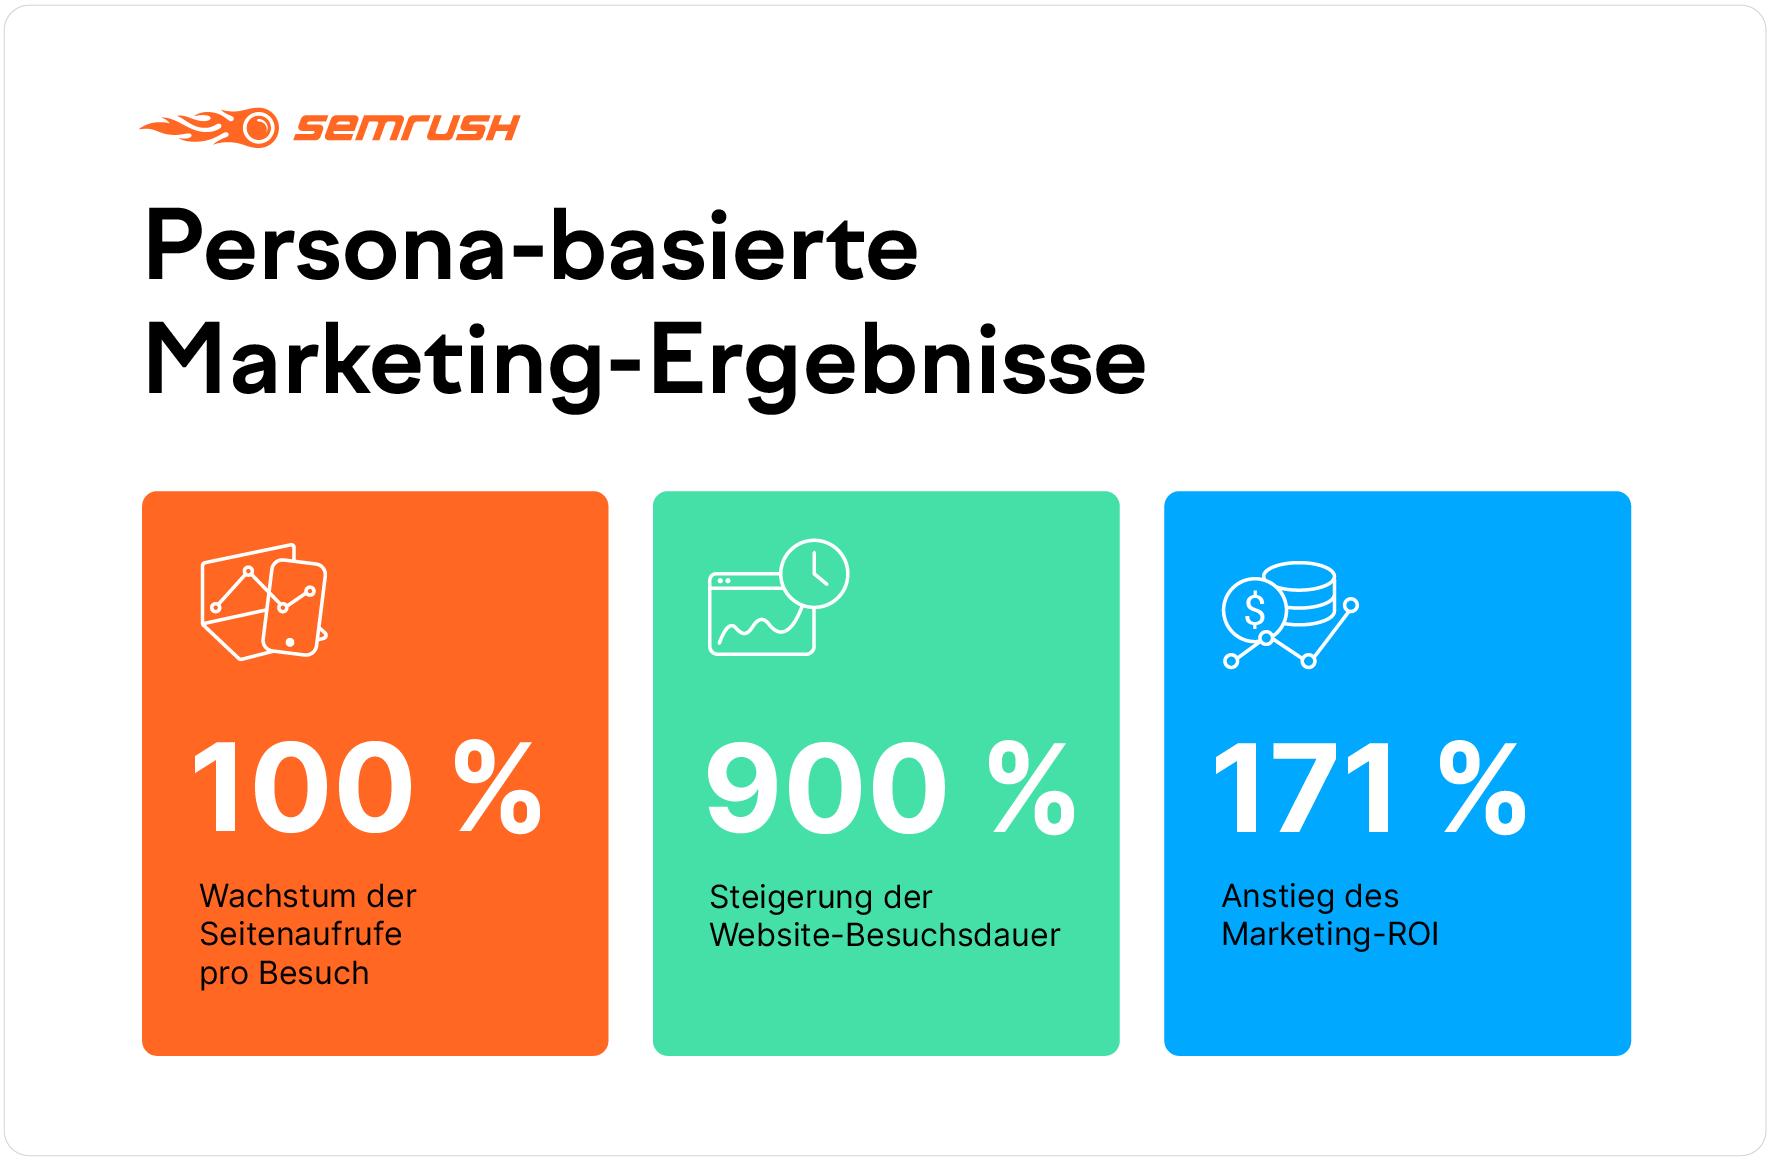 Persona-basierte Marketing-Ergebnisse